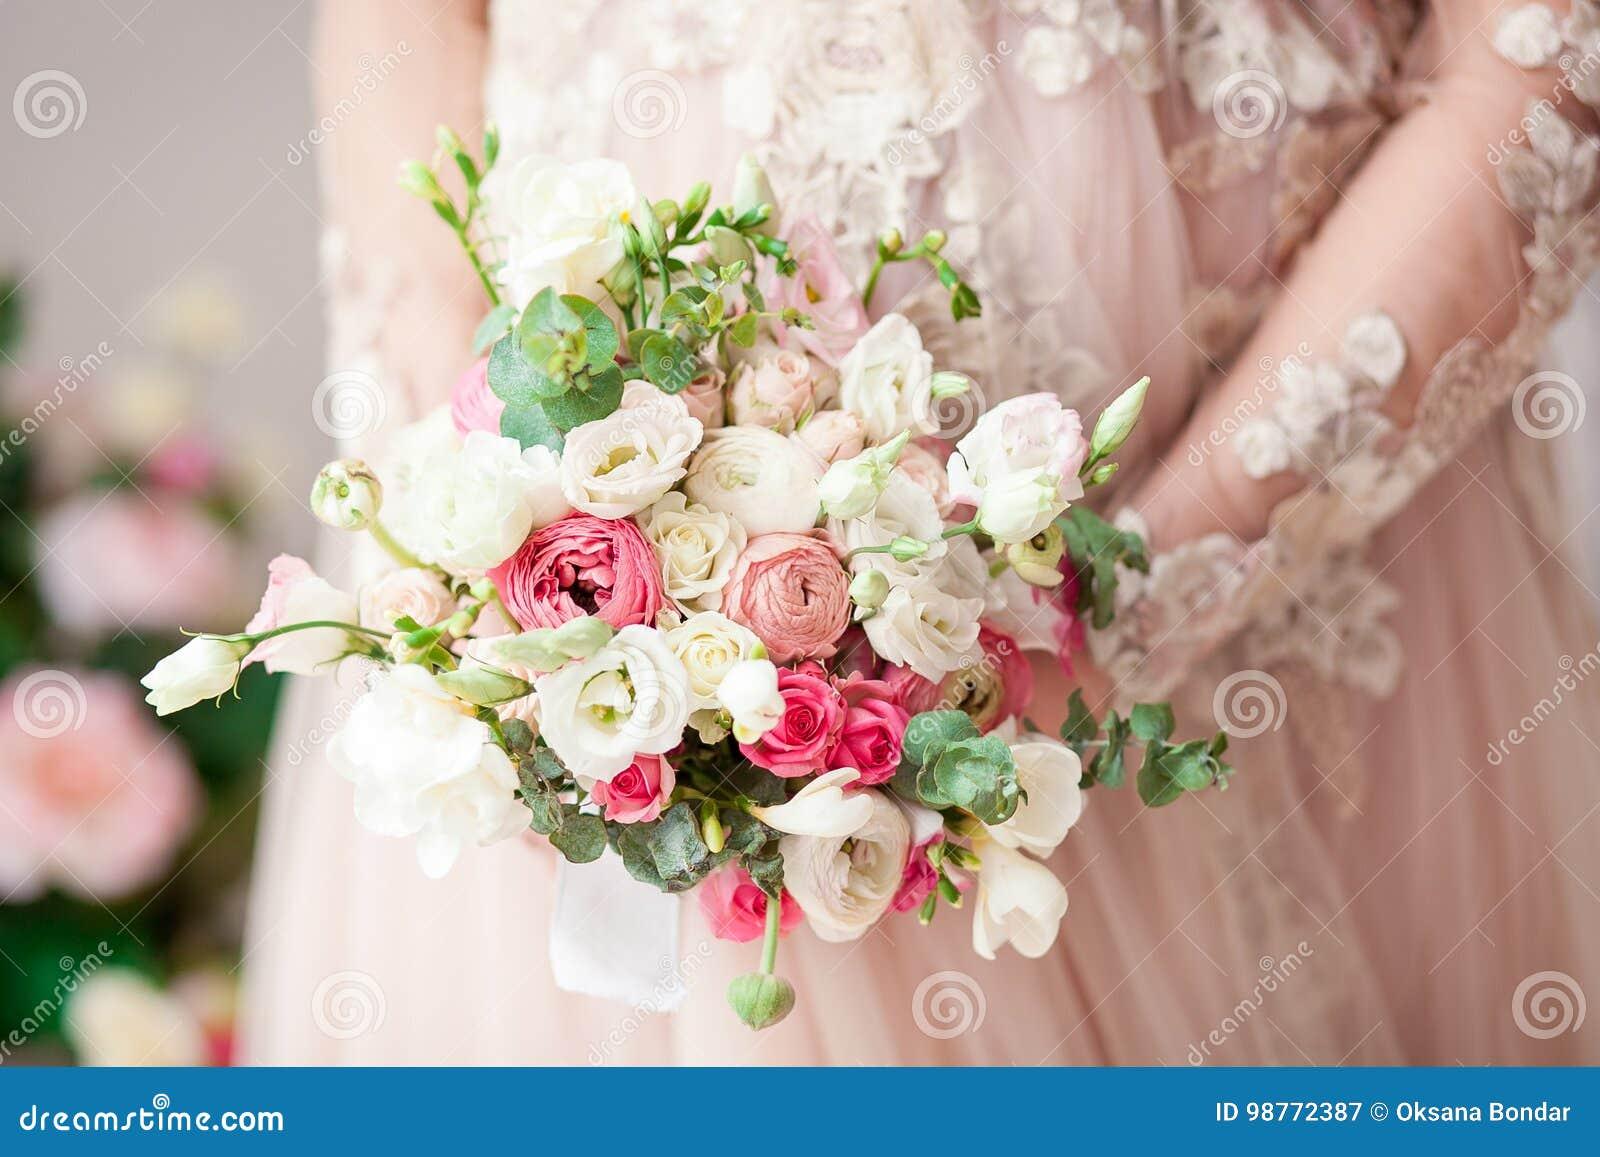 Fille enceinte dans une robe beige avec un bouquet dans des mains normal Attente d un miracle